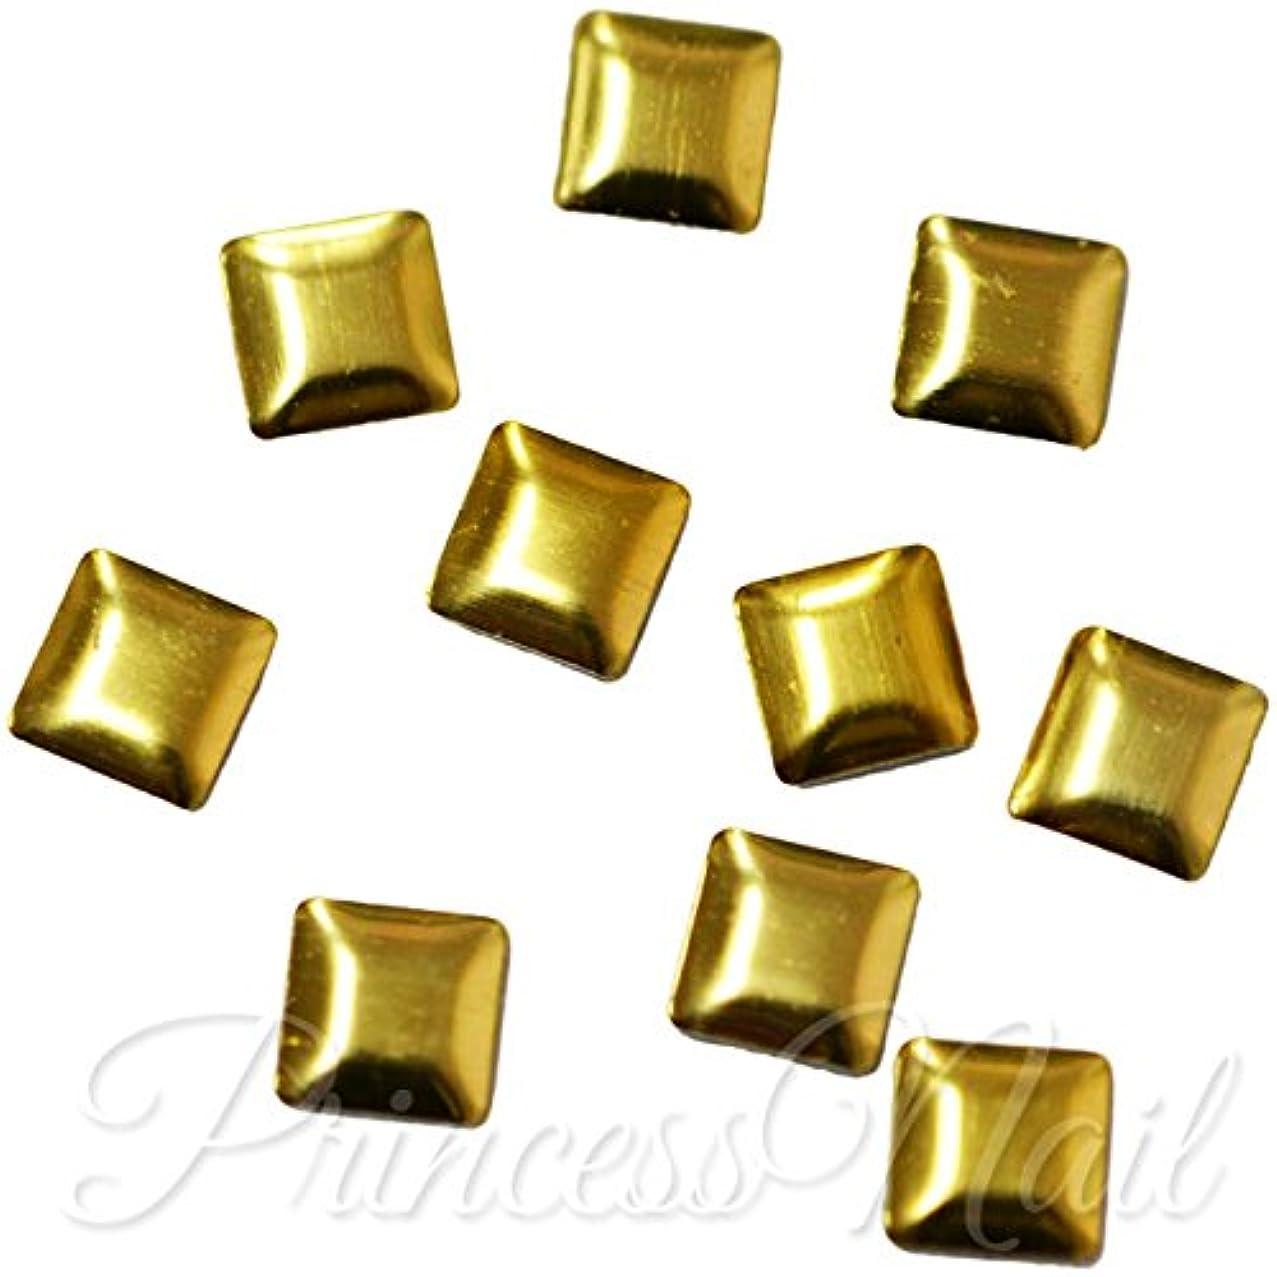 つかいます休日にこっそりメタルスタッズ 4mm スクエア ゴールド 約40粒